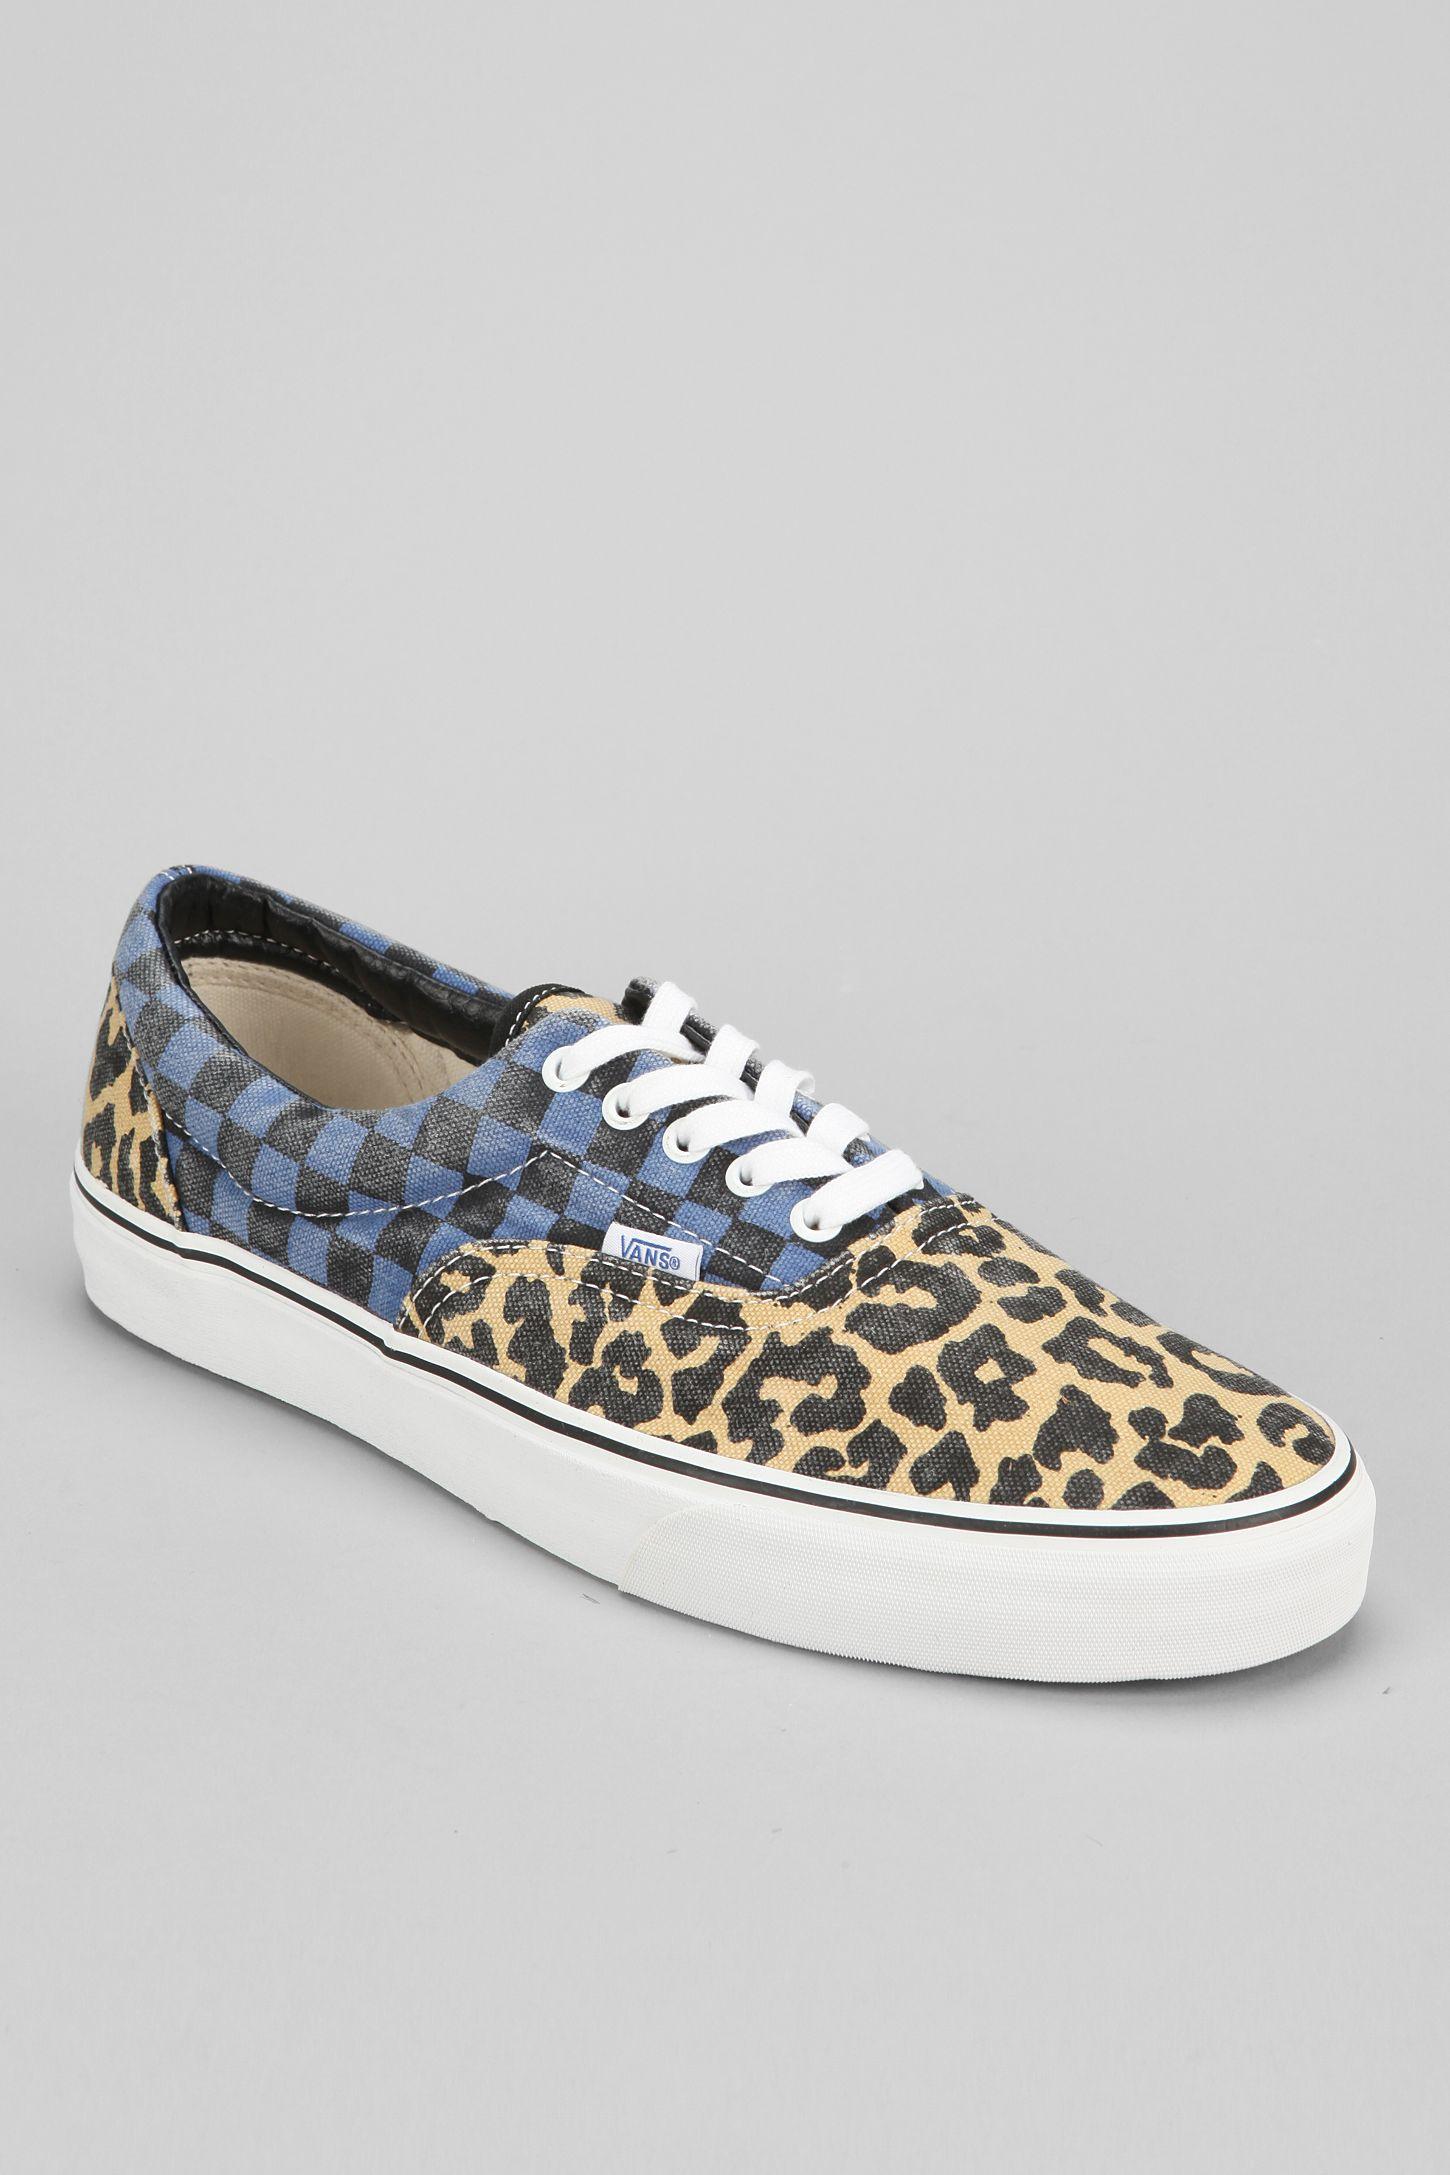 Vans Era Van Doren Leopard Checkerboard Men s Sneaker  b5e424df1fe8